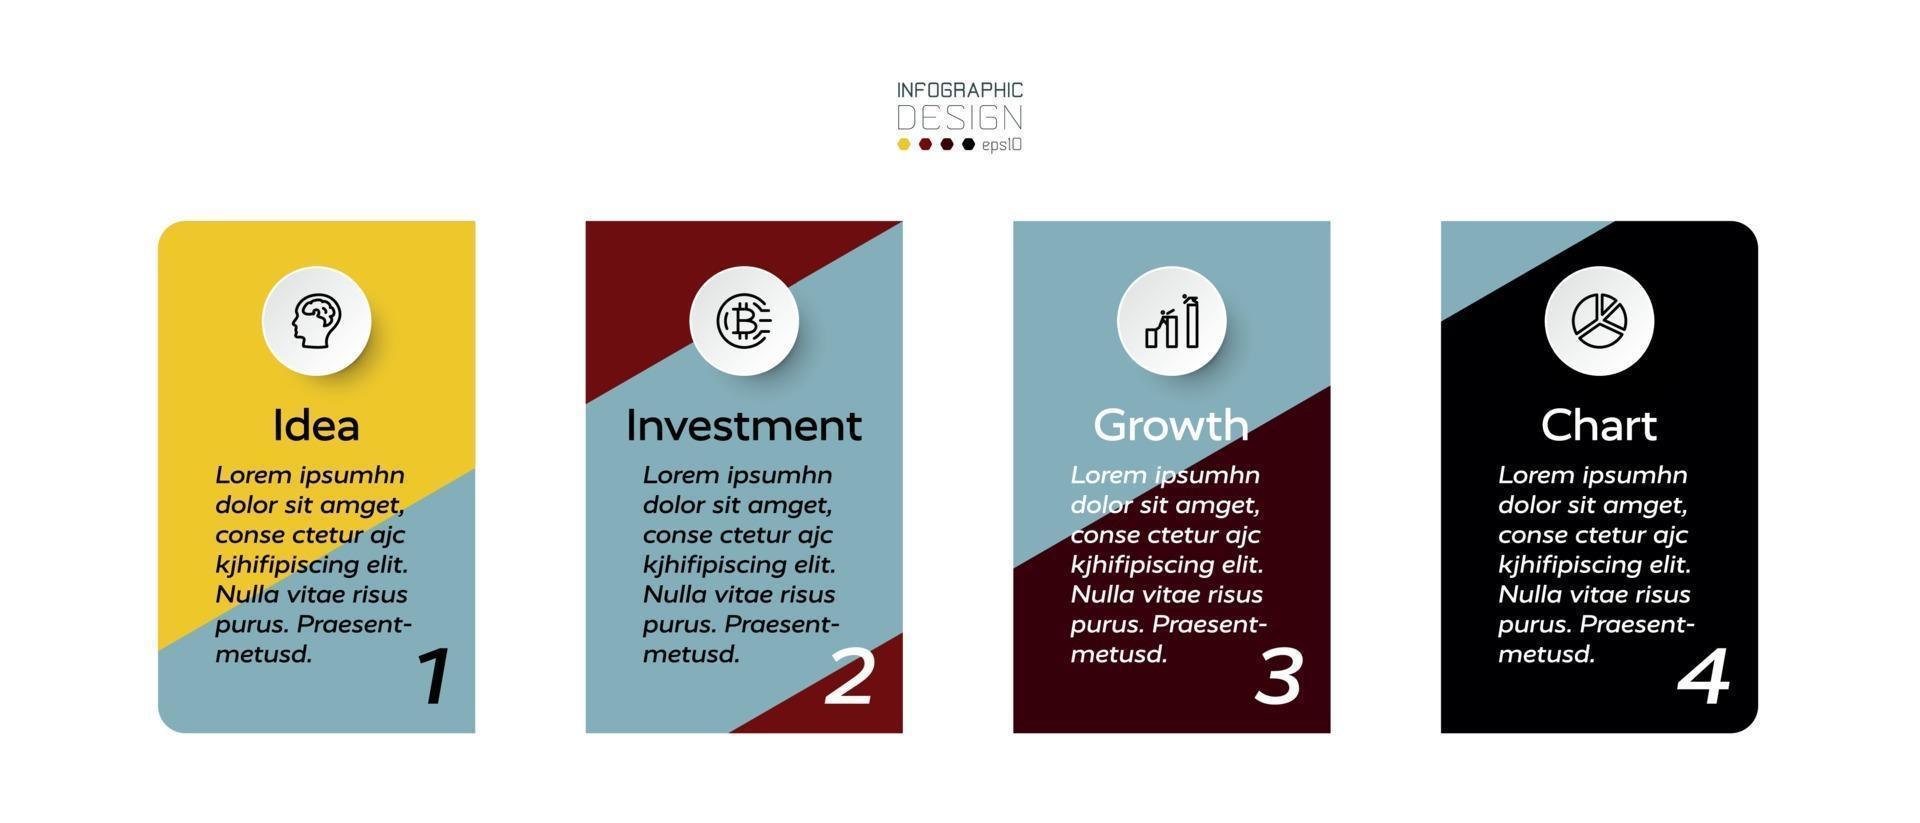 apresentação do trabalho por design quadrado explica como fazer operações de negócios, processos de trabalho. projeto infográfico. vetor